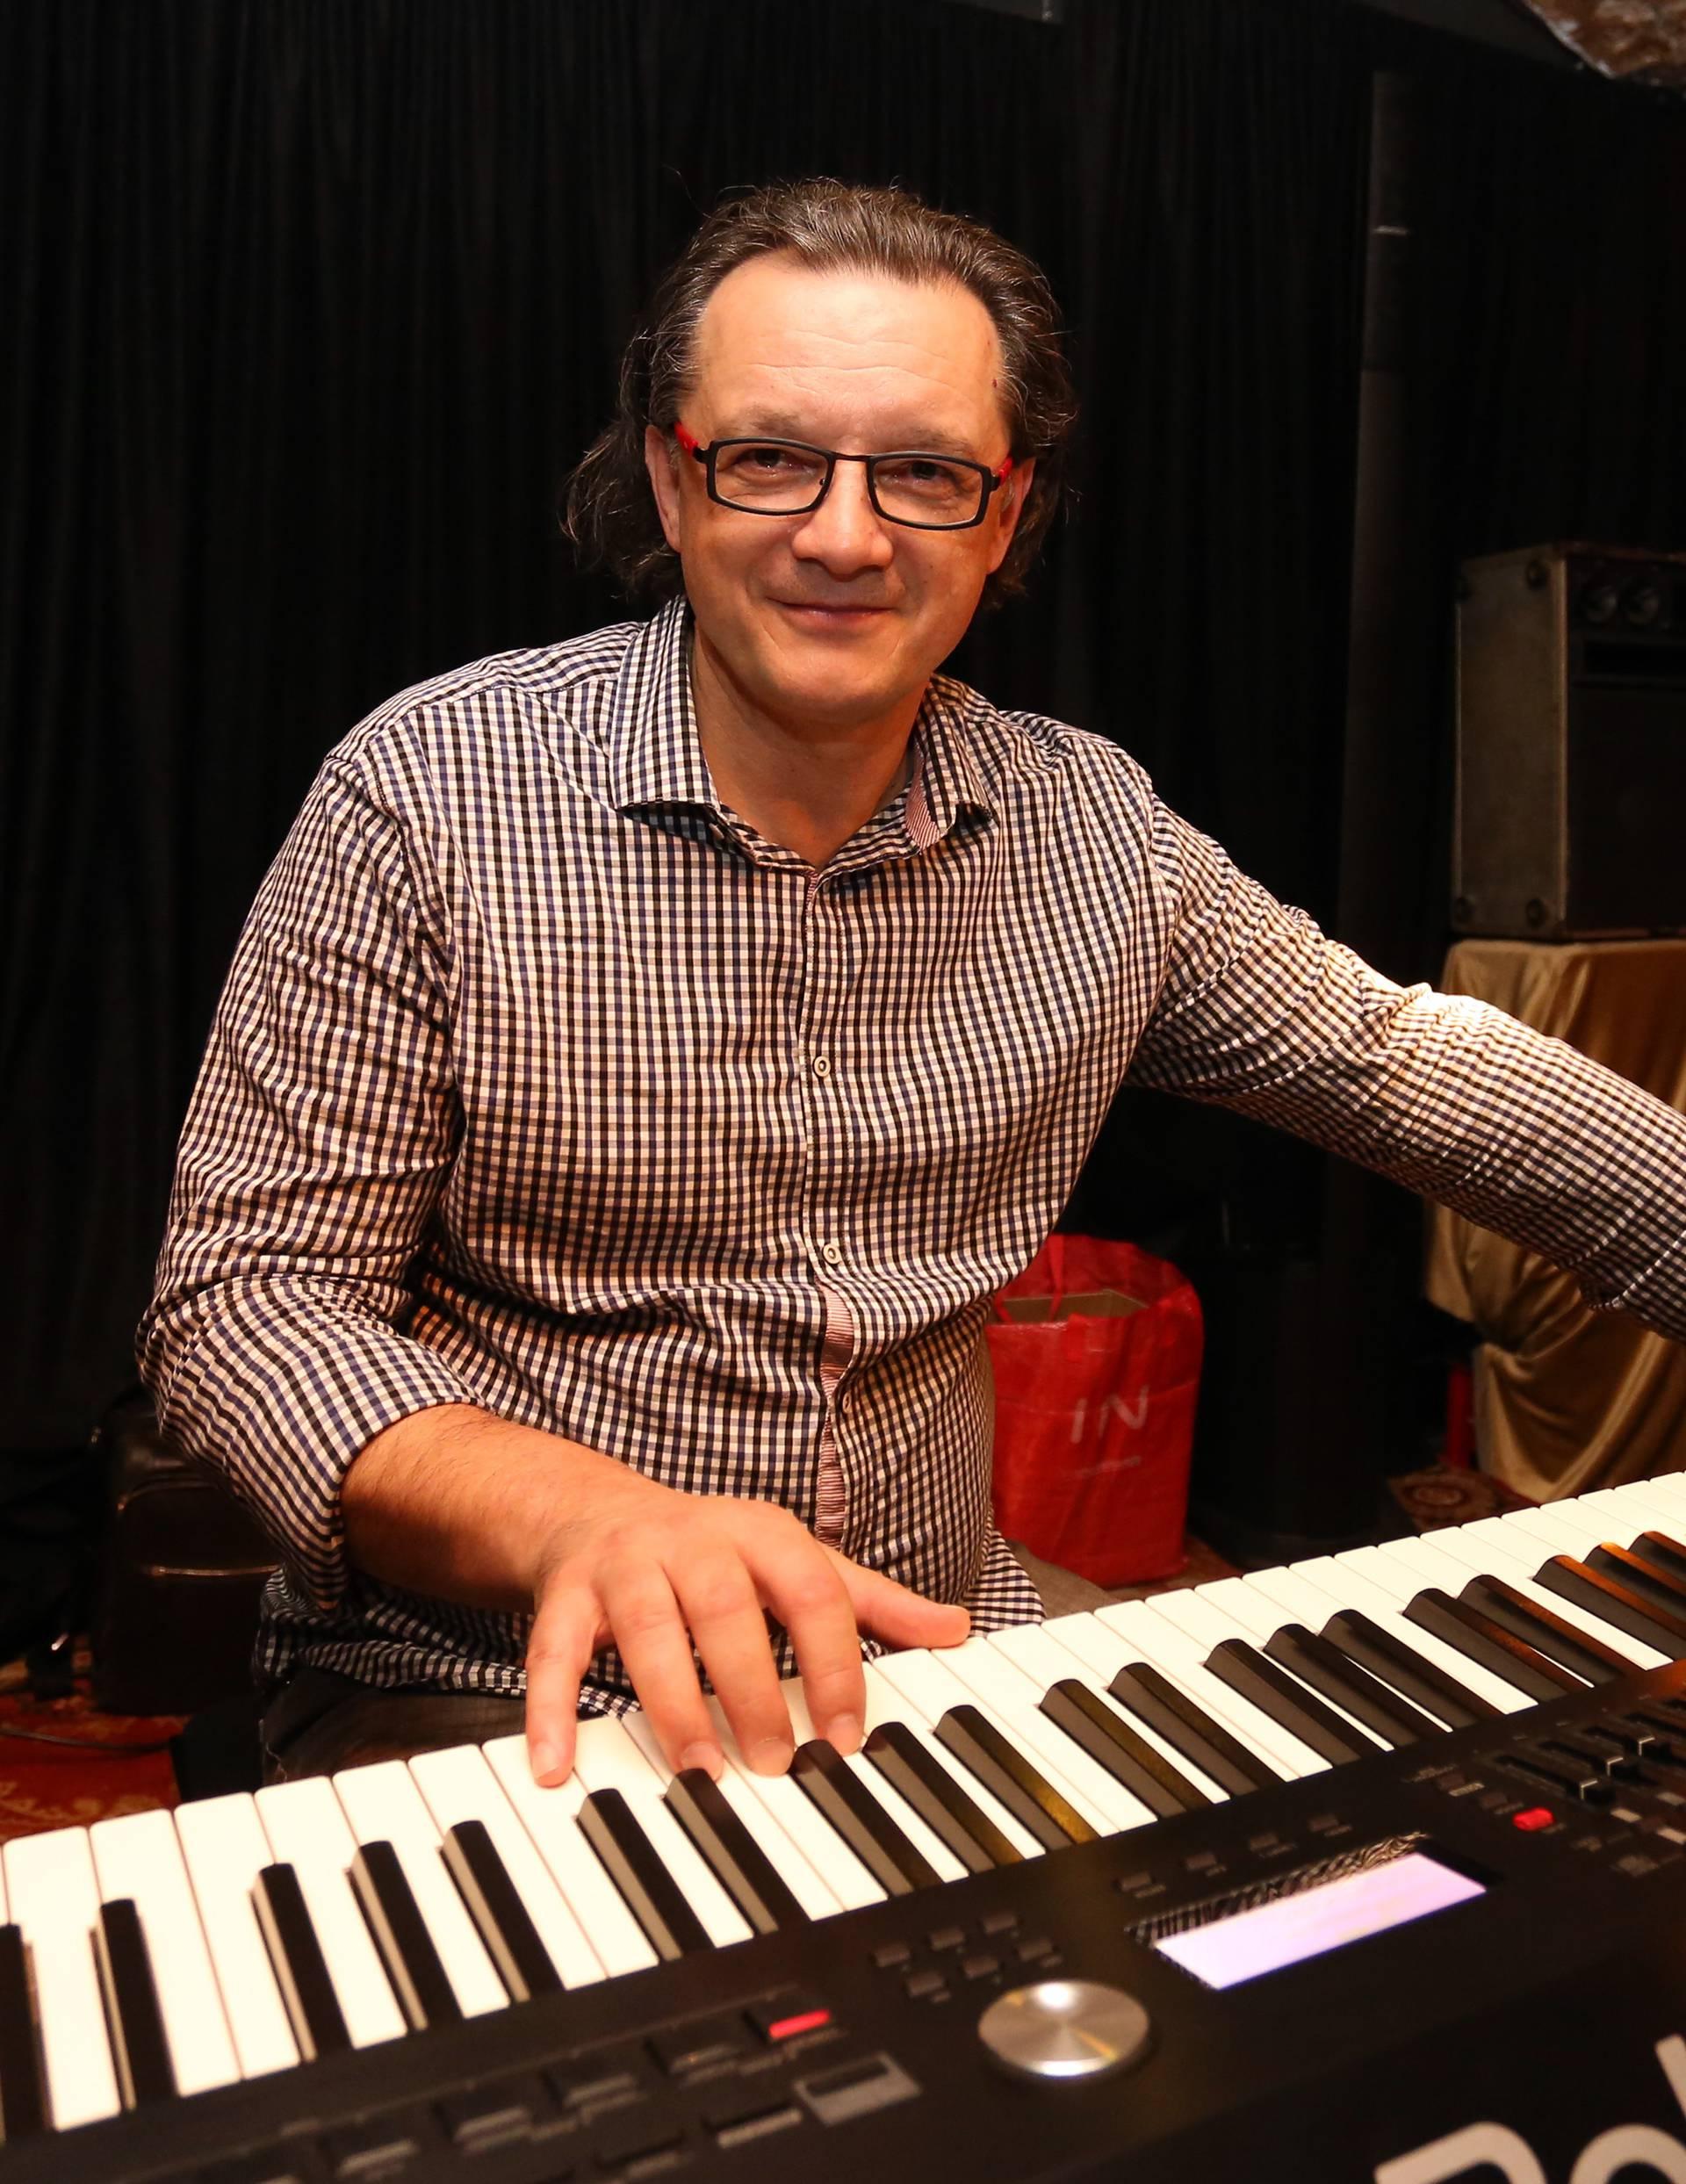 Meixner: Terapija glazbom diže imunitet, tjera nesanicu i stres